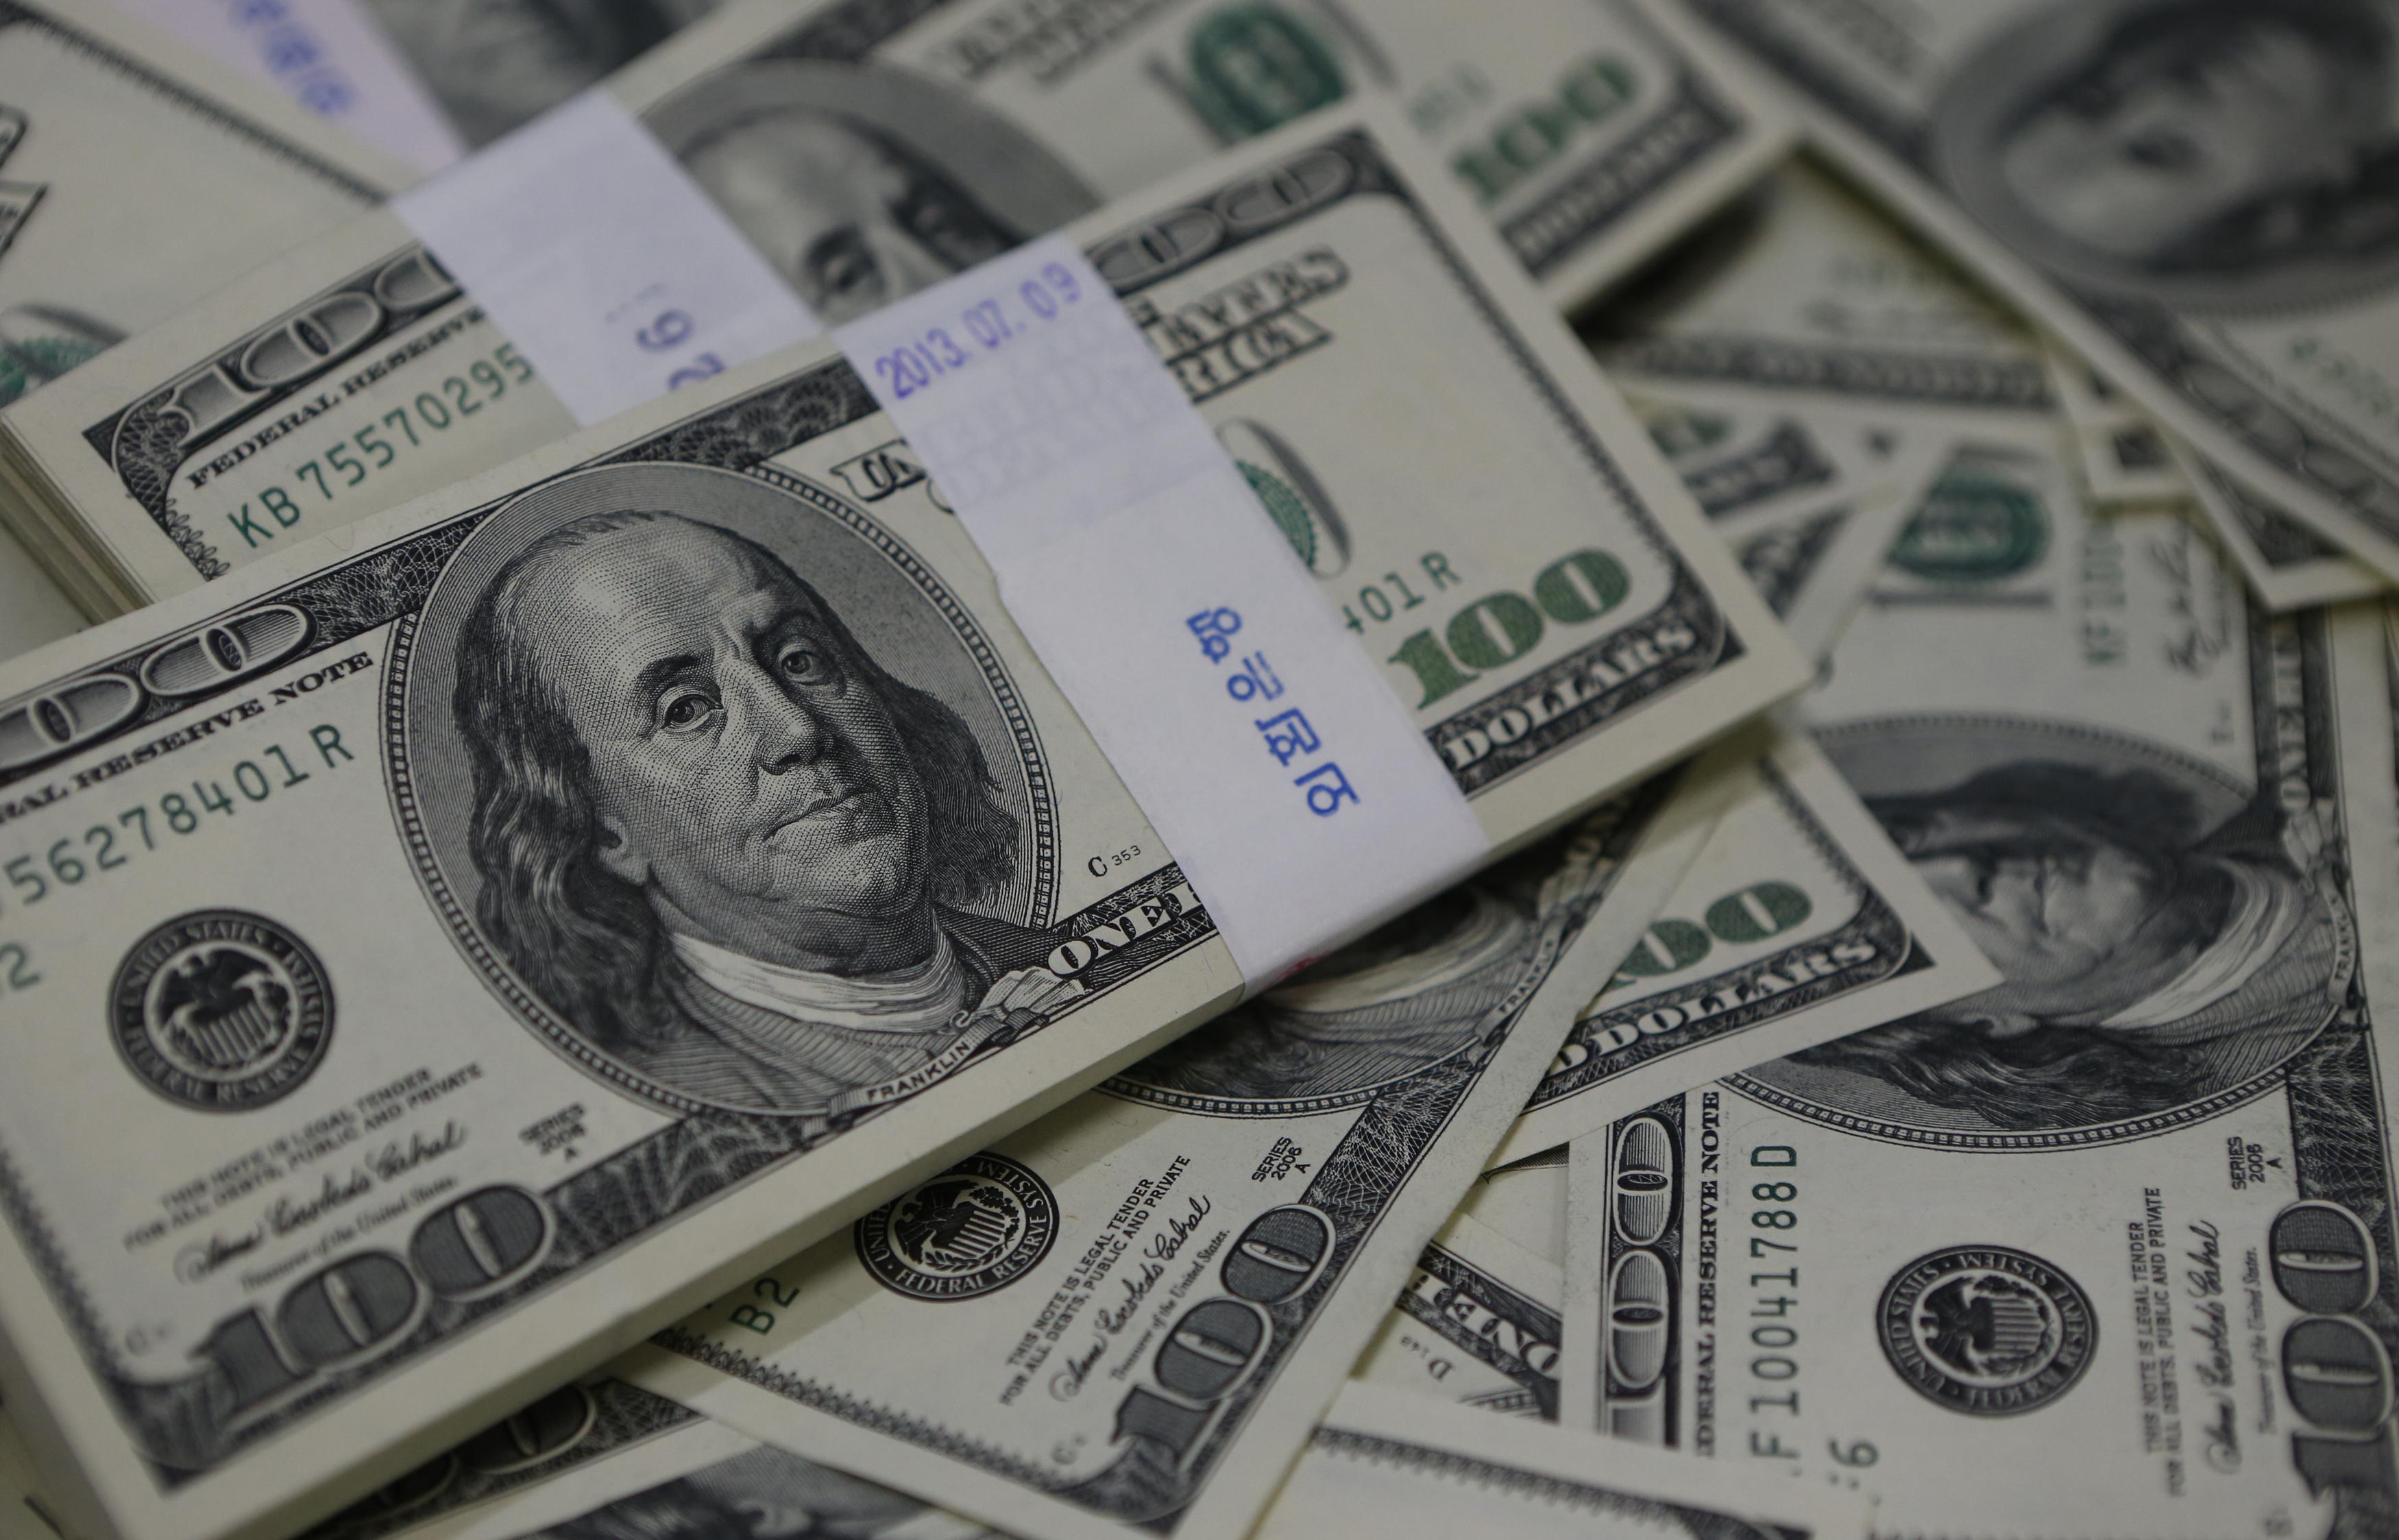 الدولار الأمريكي يفقد 4 قروش أمام الجنيه المصري في الأسبوع الثاني من يناير